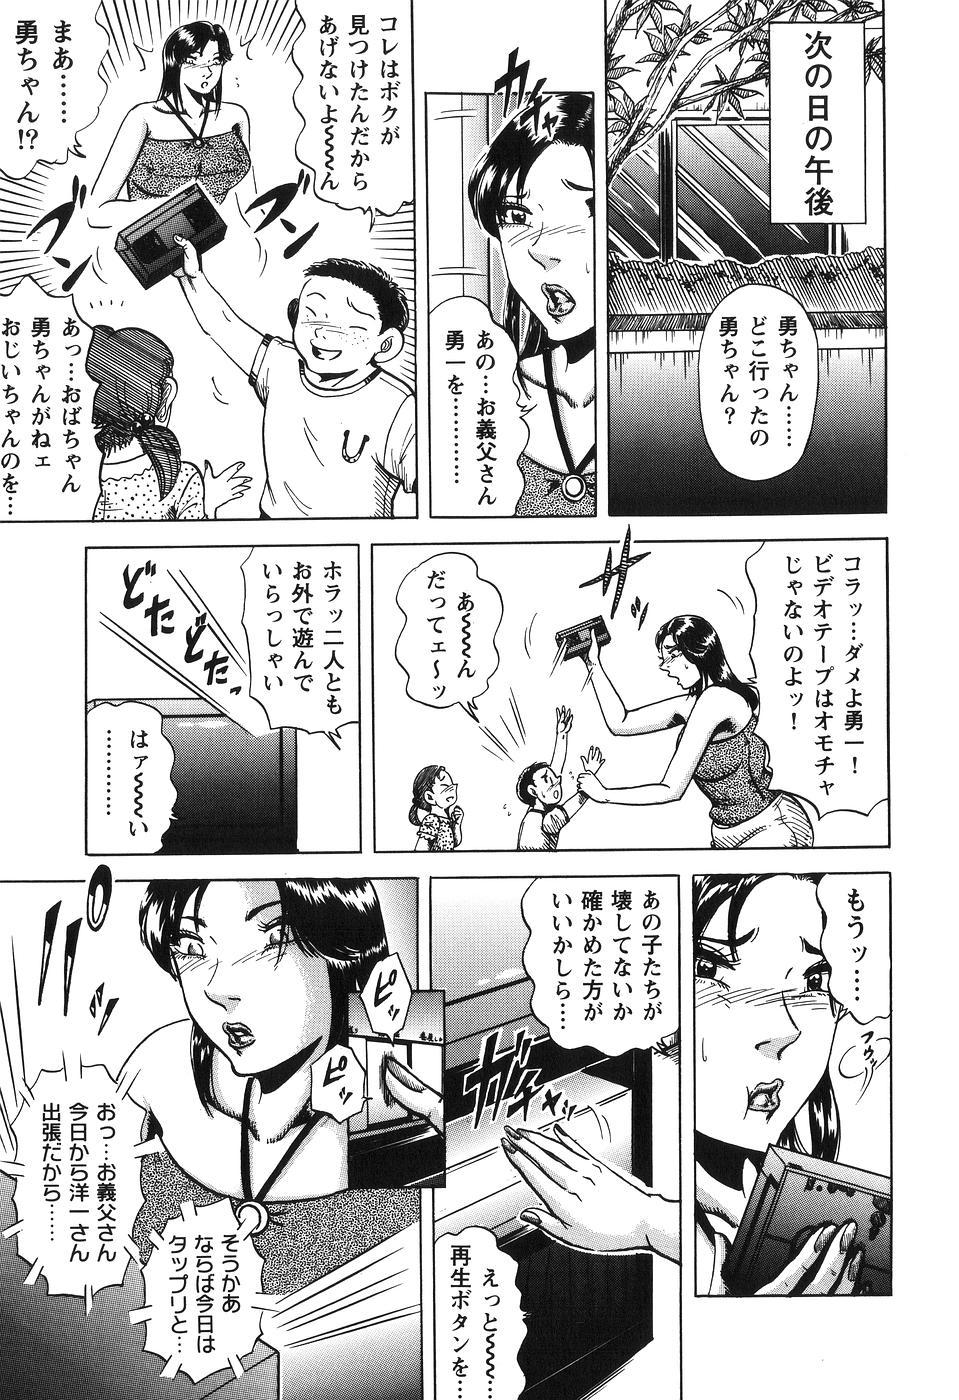 Jukubo Soukan Yosoji no Tawamure 56